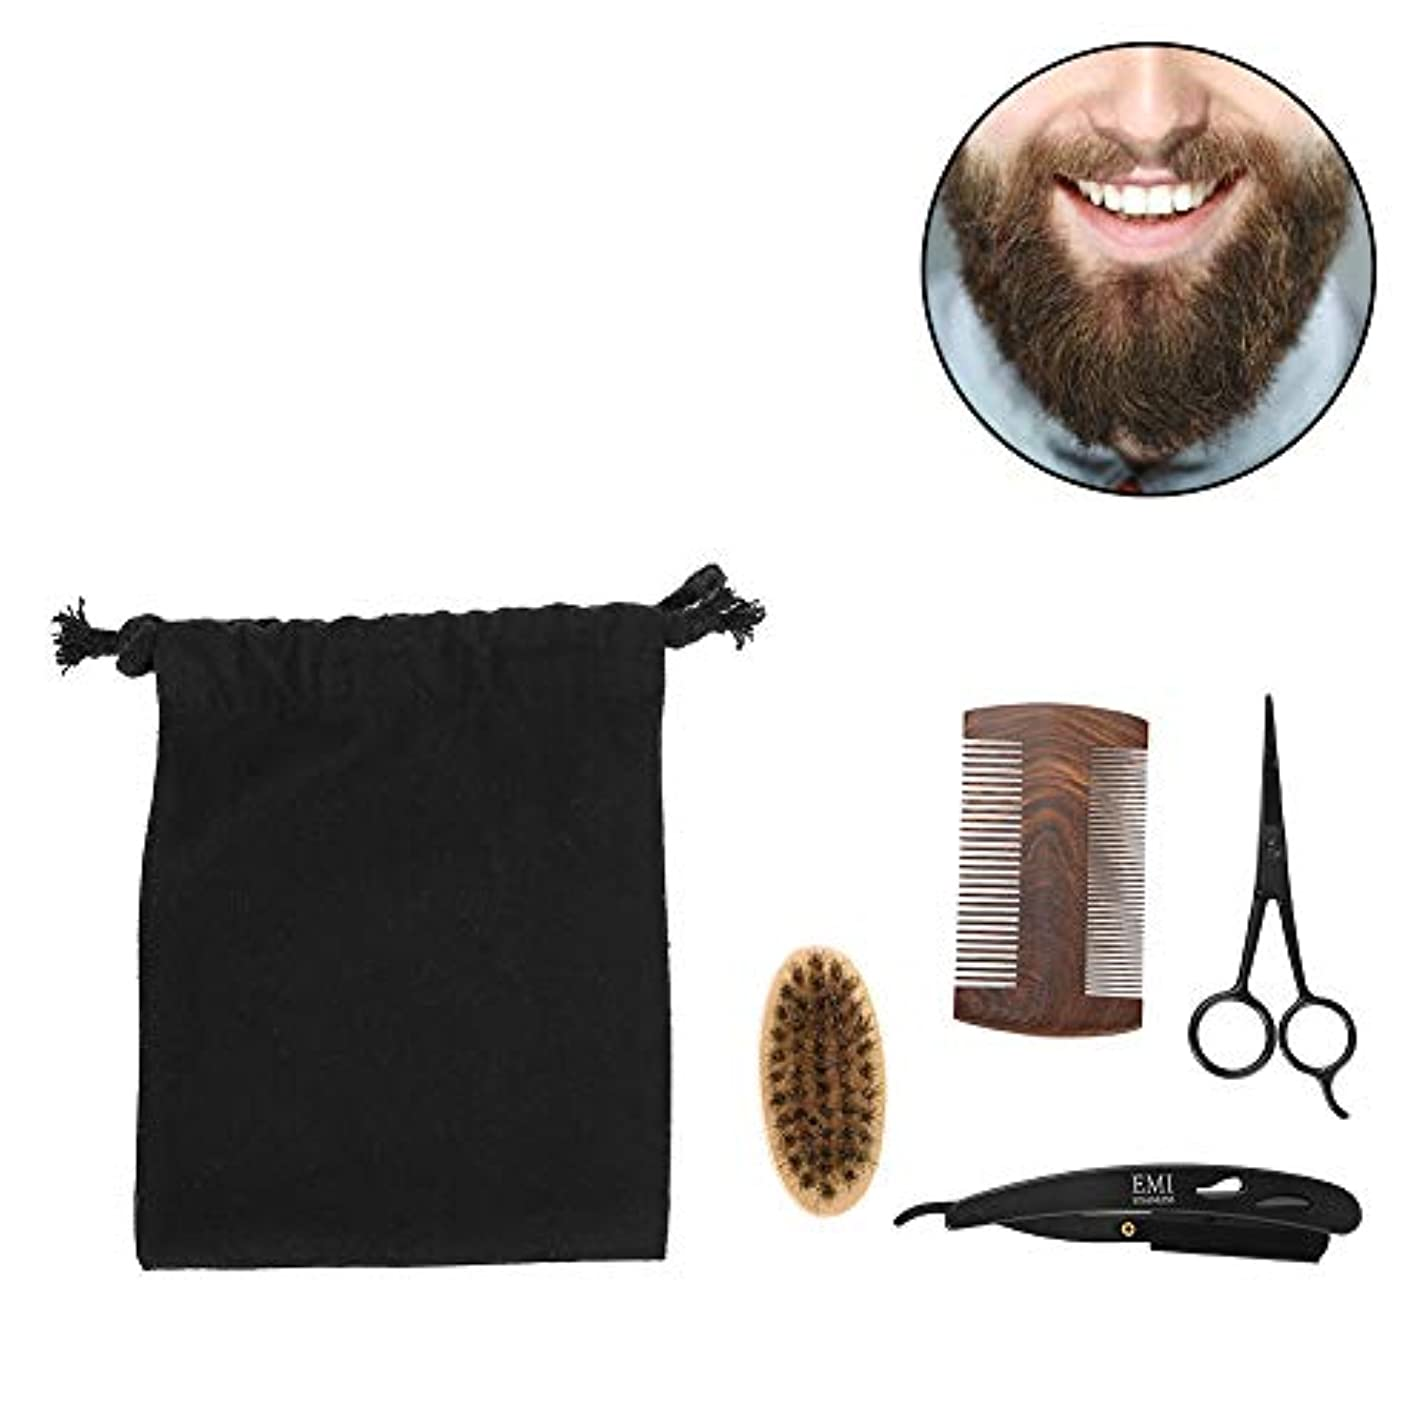 習慣建てる位置づける男性のためのSemmeひげグルーミングキット、ひげブラシセット、ひげケアセットスタイル男性のくしブラシはさみキットモデリングクリーニング修理セットとキャンバスバッグ